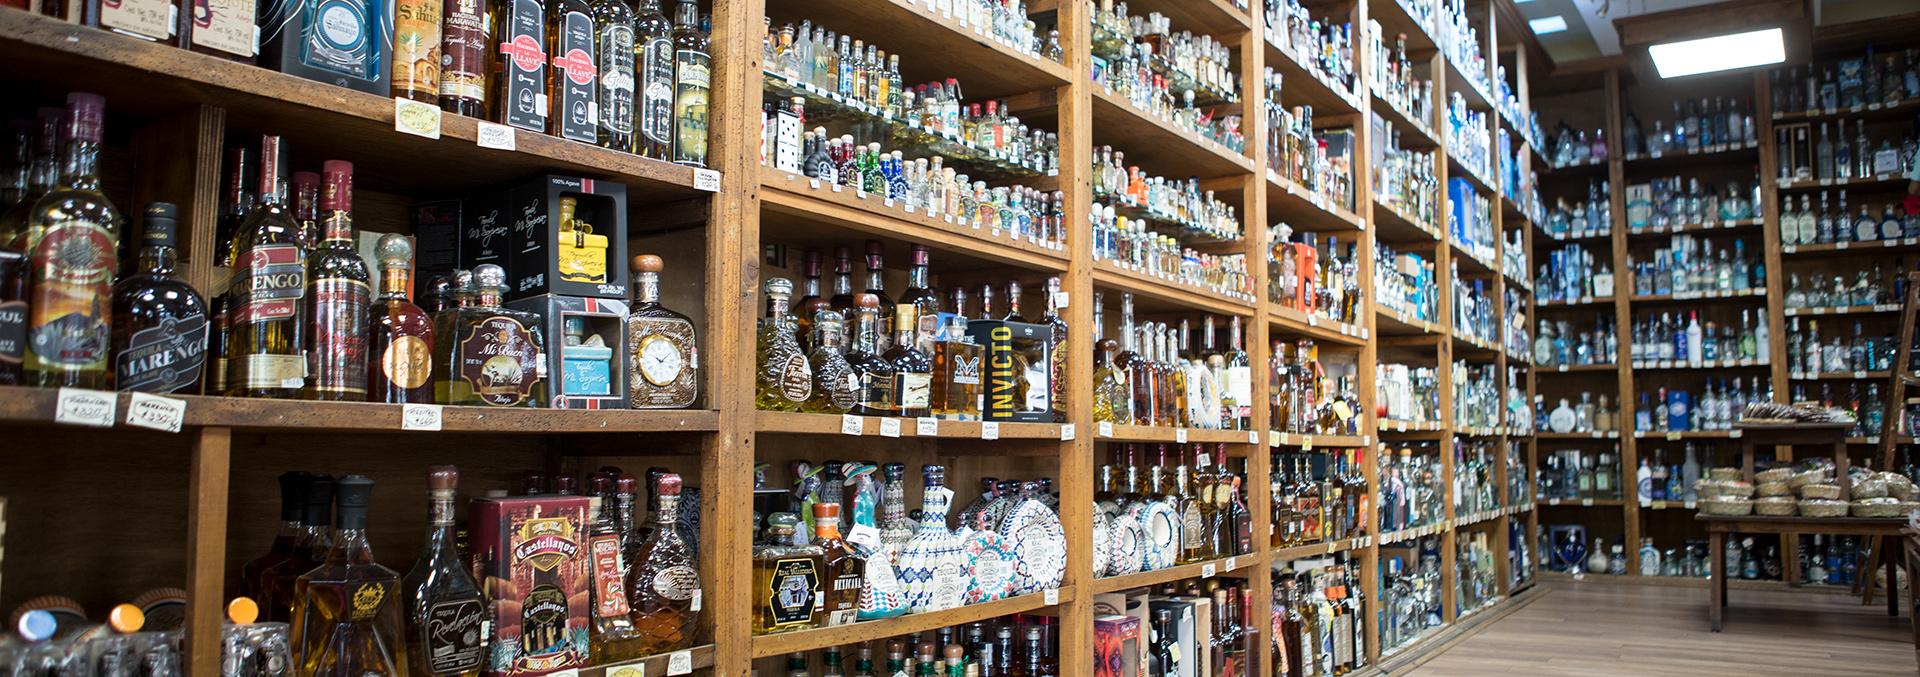 Tienda de tequila Nuestros Dulces en Tlaquepaque, Jalisco